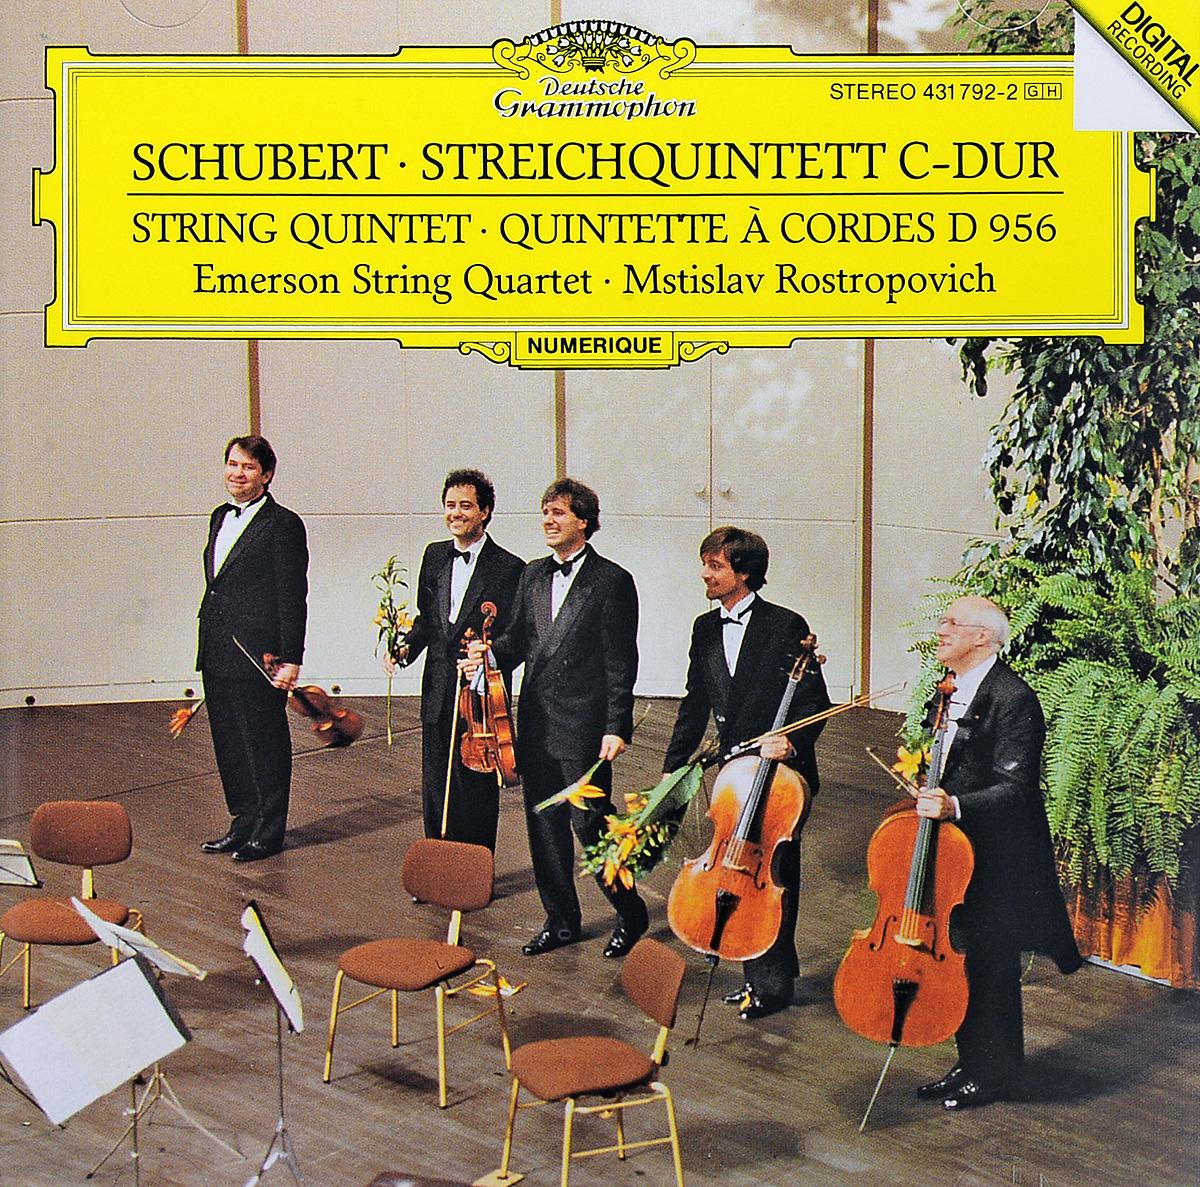 Schubert. Emerson String Quartet. Mstislav Rostropovich. Streichquintett C-dur (String Quintet · Quintette А Cordes D 956) emerson string quartet emerson string quartet beethoven string quartets opp 59 74